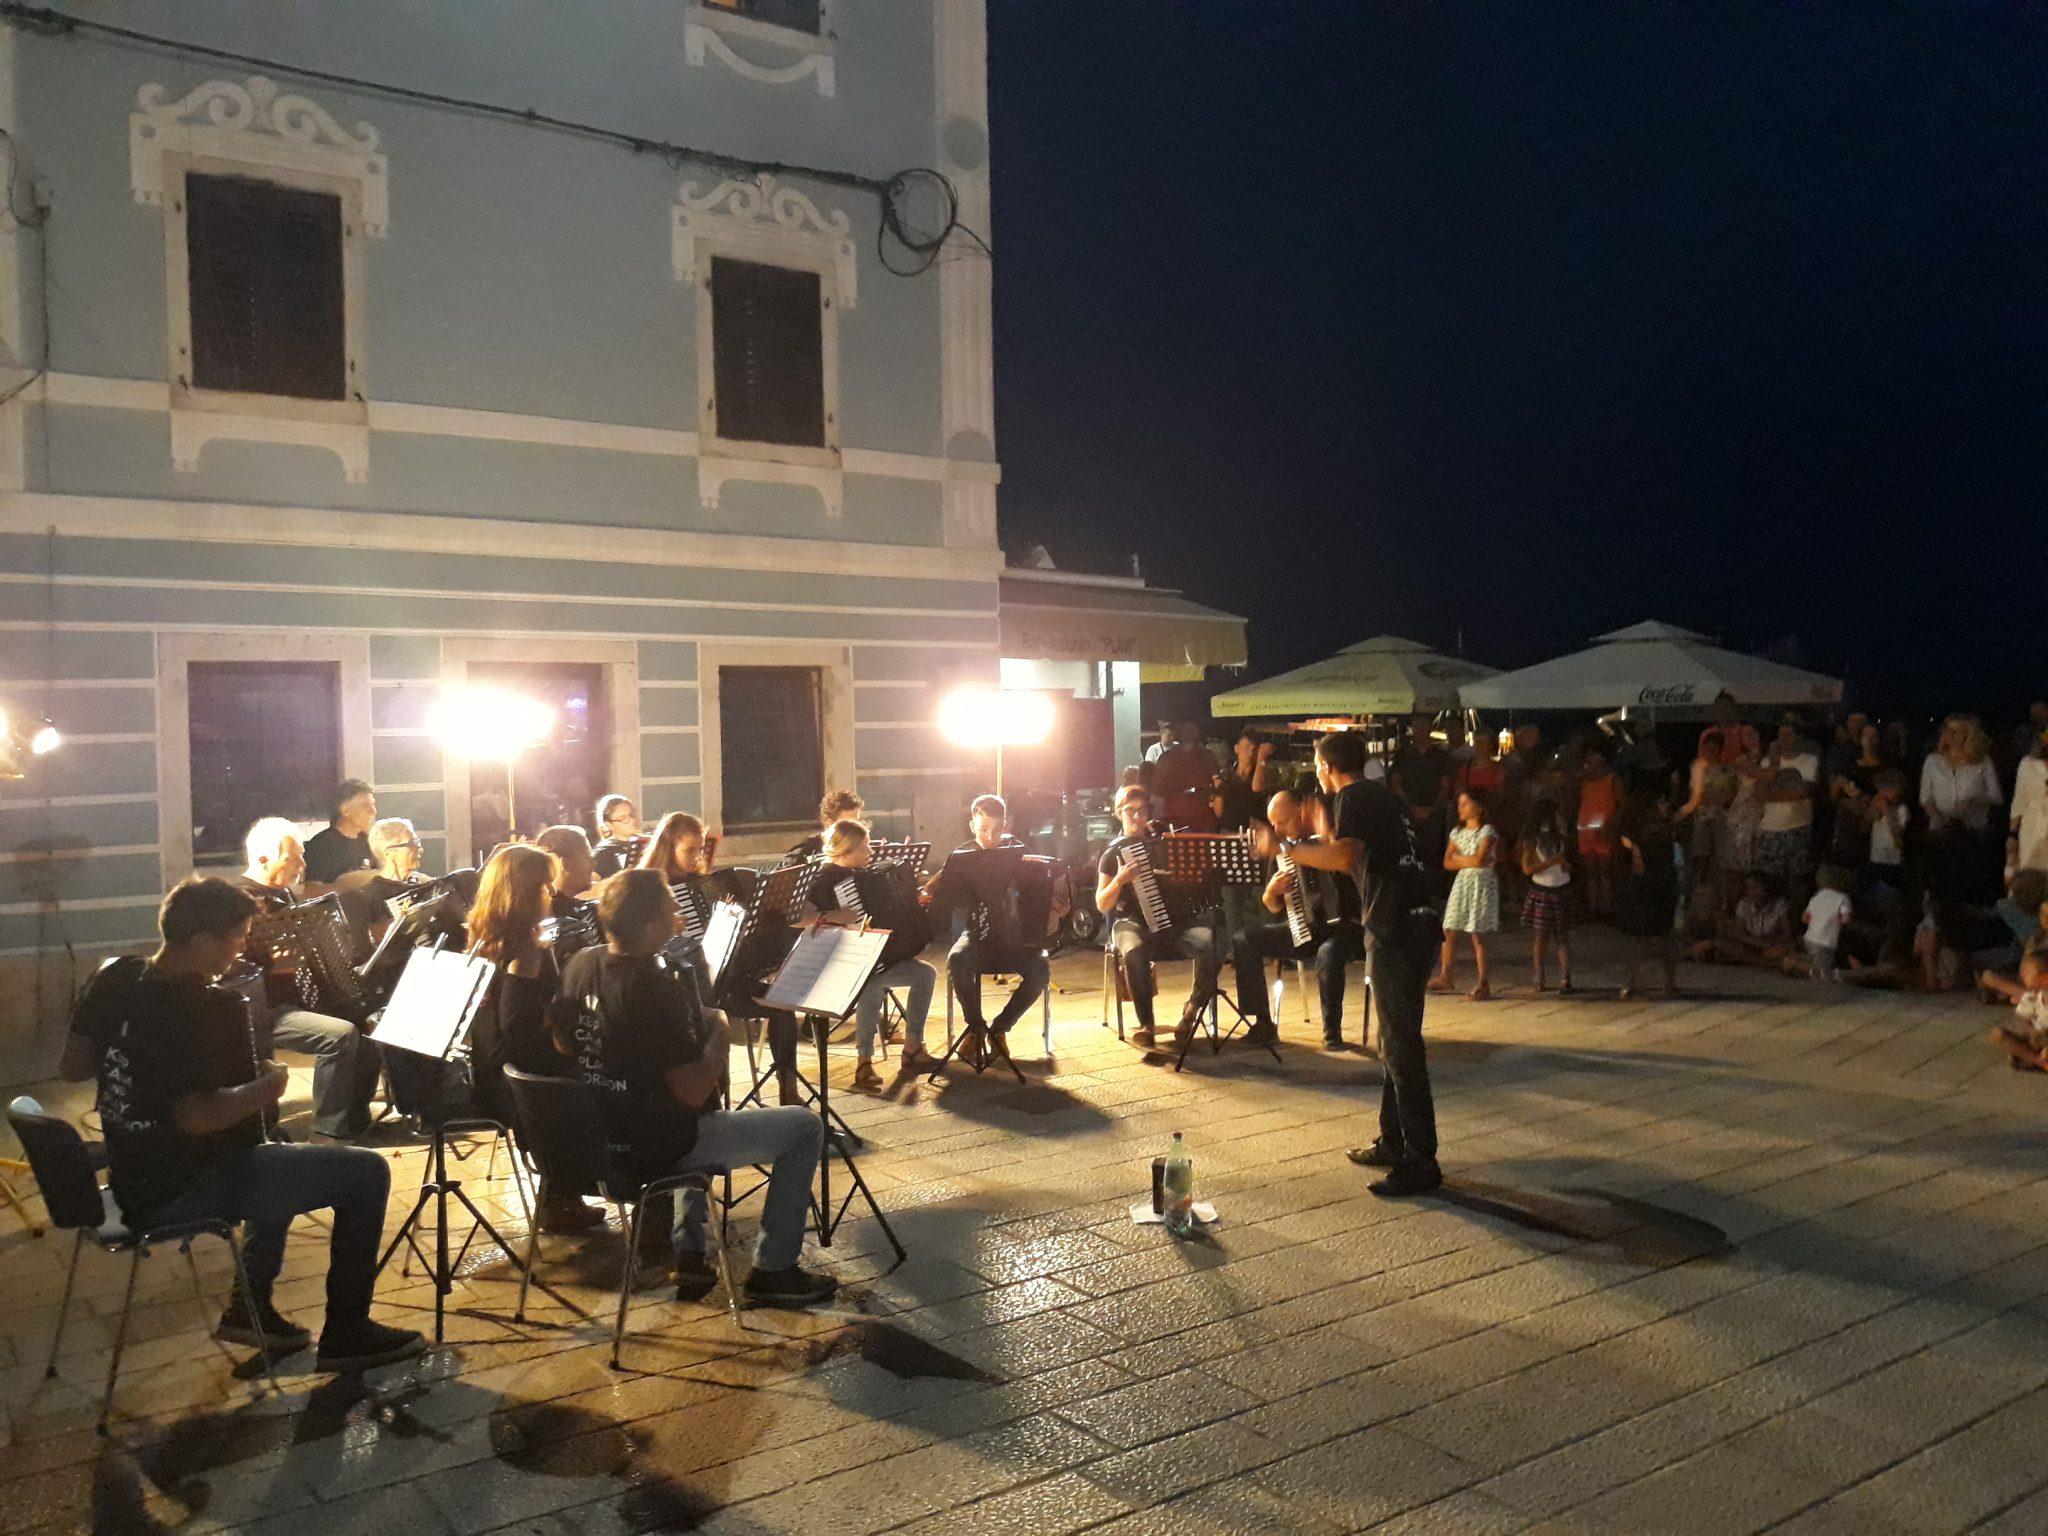 Promenaden konzert des Kultur- und Künstlervereins Istrien (OKUD Istra)